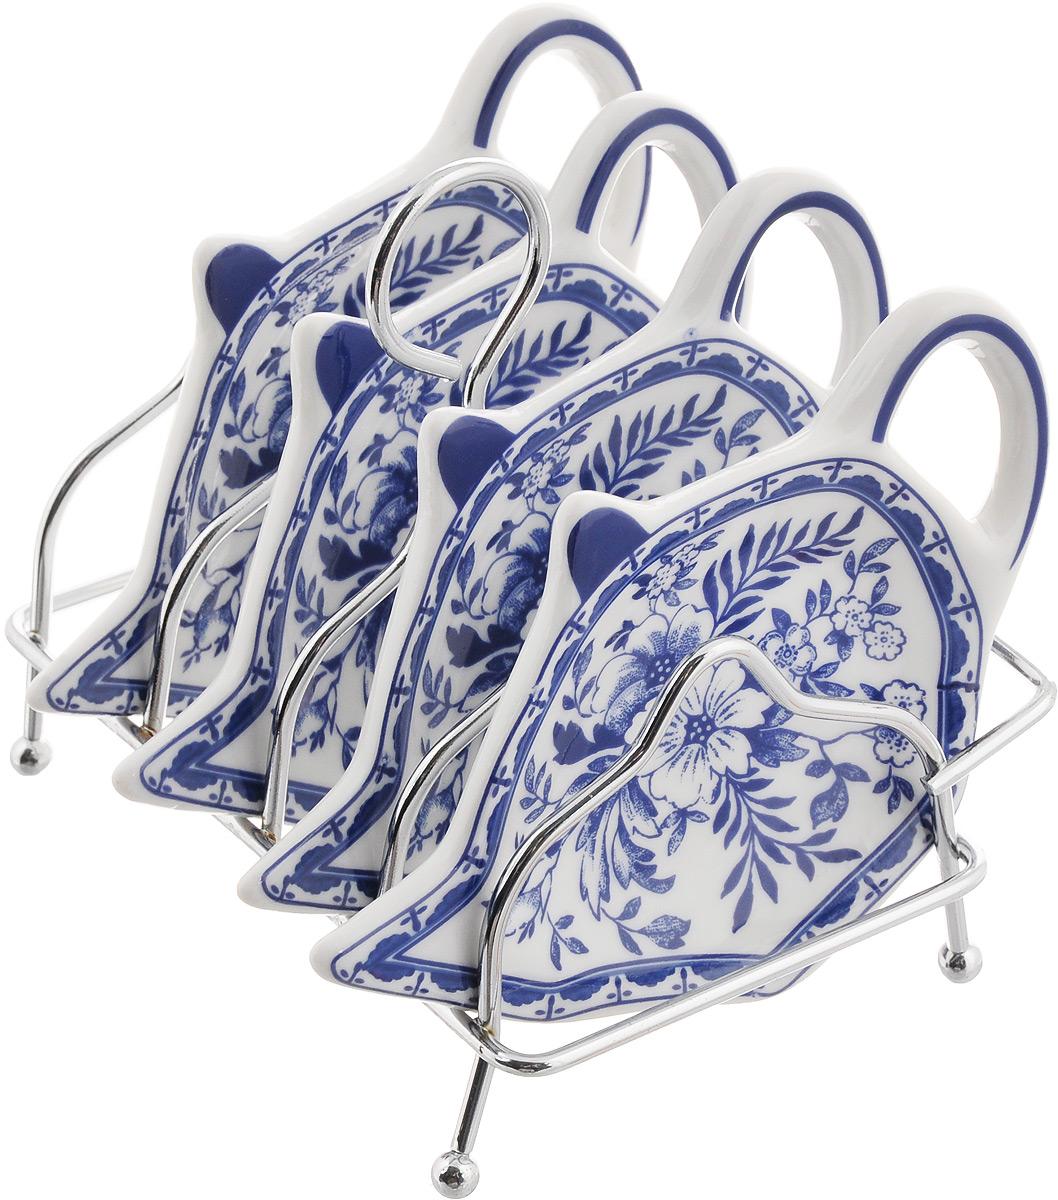 Набор подставок для чайных пакетиков Patricia Флер, 5 предметов54 009312Набор подставок Patricia Флер, изготовленный из высококачественного фарфора, порадует вас оригинальностью и дизайном. Подставки выполнены в форме чайничка и оформлены ярким рисунком. В комплект входит металлическая подставка.Можно мыть в посудомоечной машине и использовать в микроволновой печи. Размер подставки для чайных пакетиков: 11,5 х 8 см. Размер металлической подставки: 12 х 9 х 10 см.